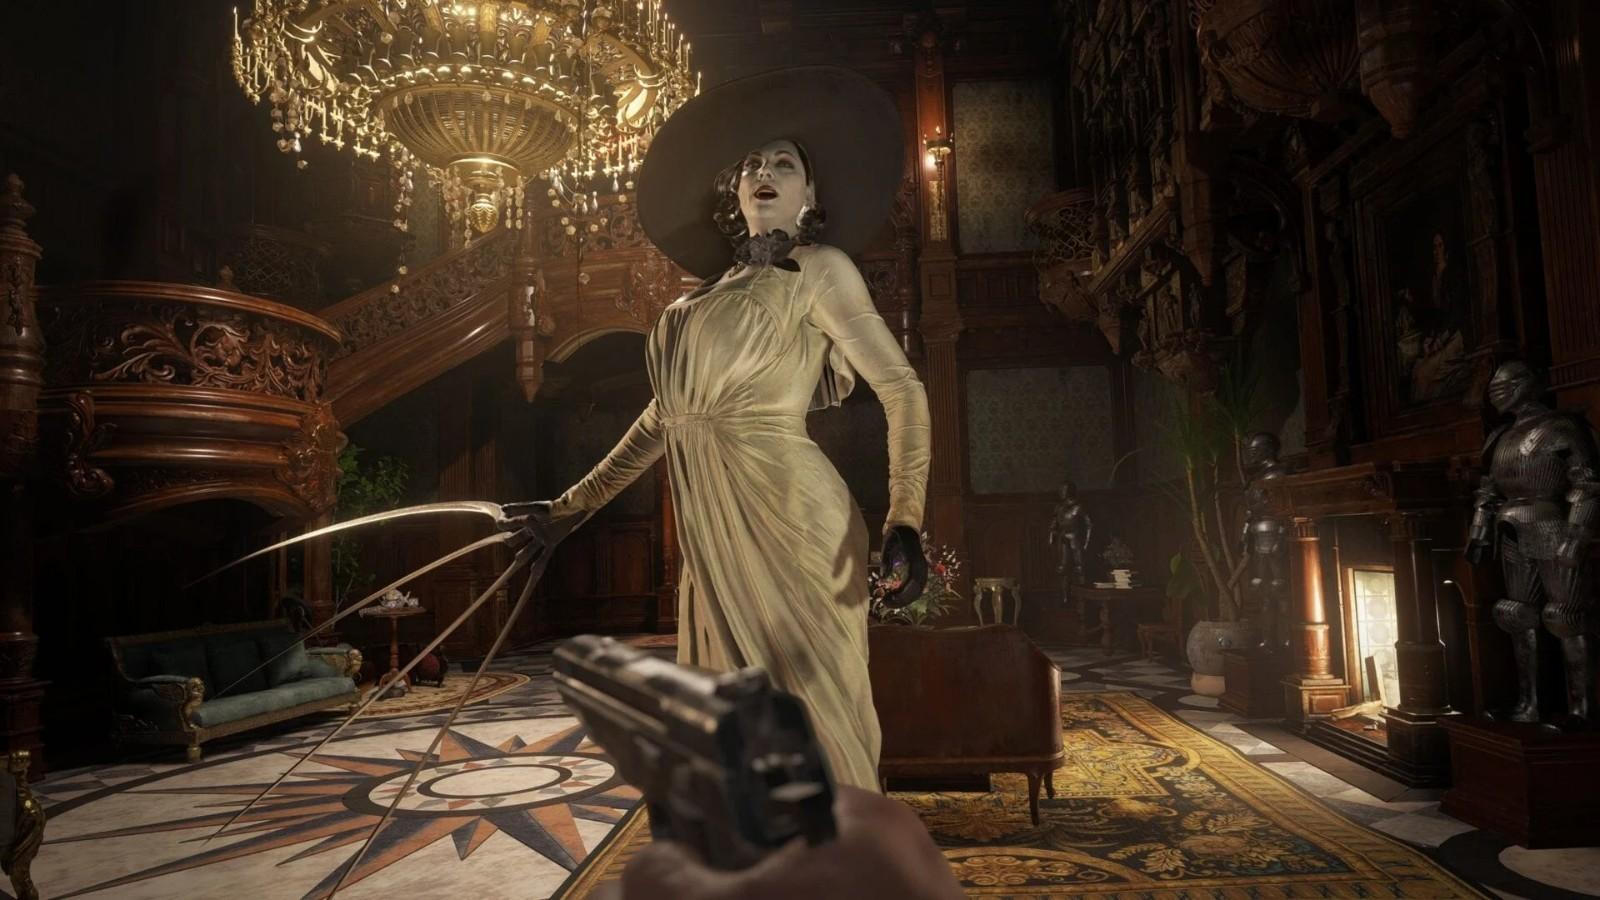 《生化危机8》游戏新截图欣赏 吸血鬼夫人好胸悍